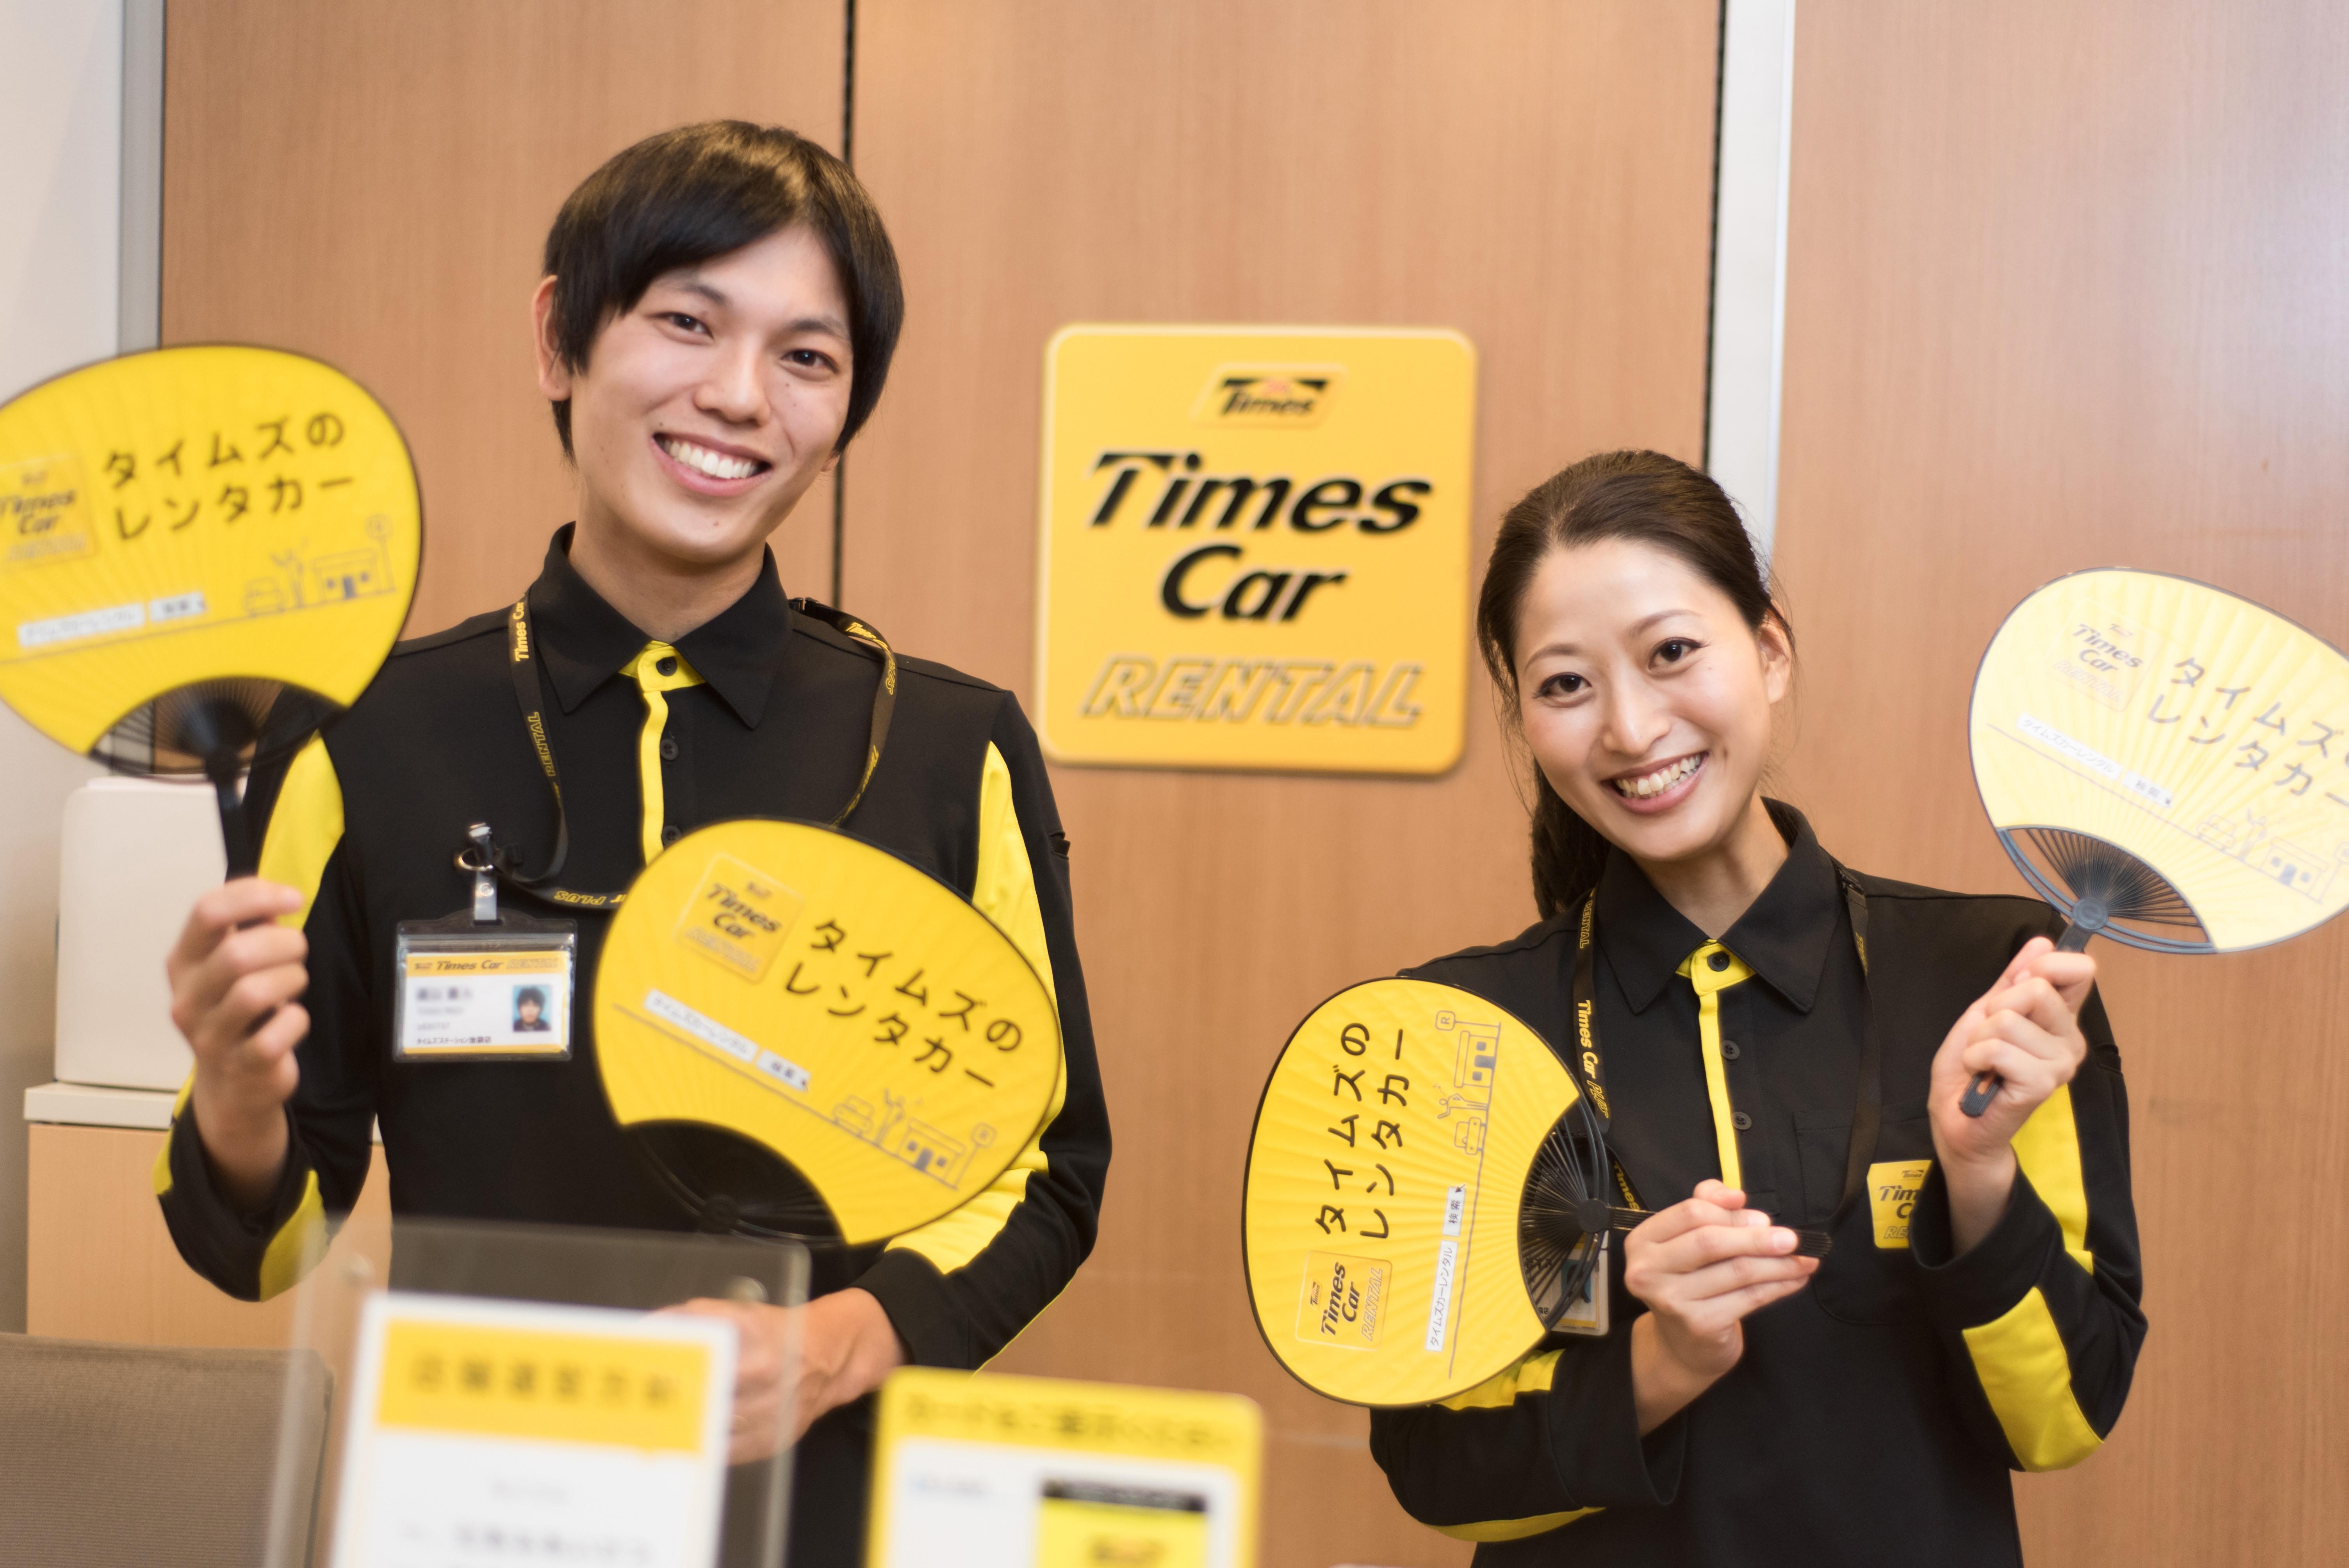 タイムズカーレンタル 長崎大学前店 のアルバイト情報